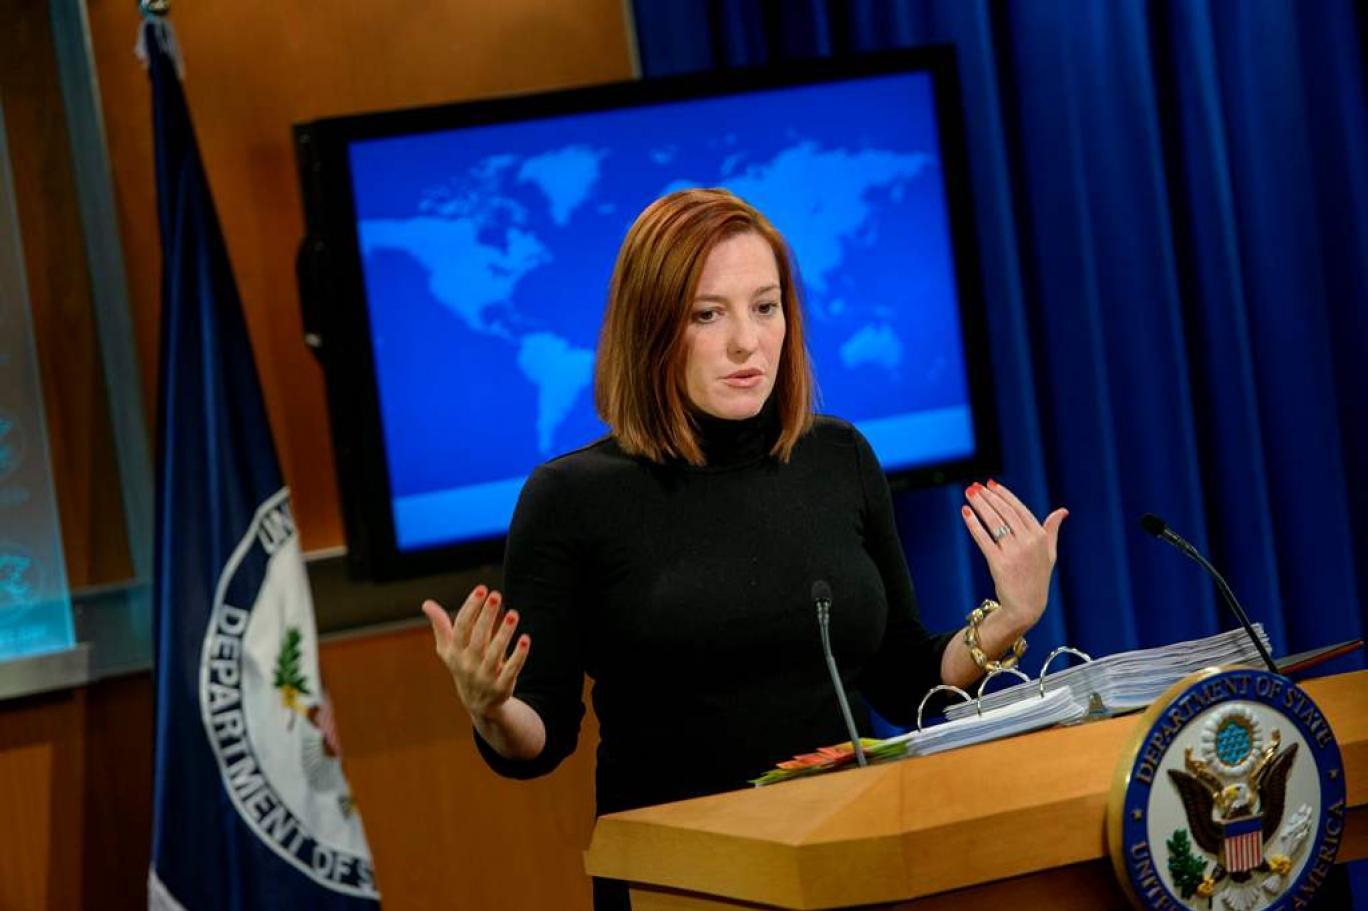 البيت الأبيض يصدم محمد بن سلمان بالحديث عن جمال خاشقجي